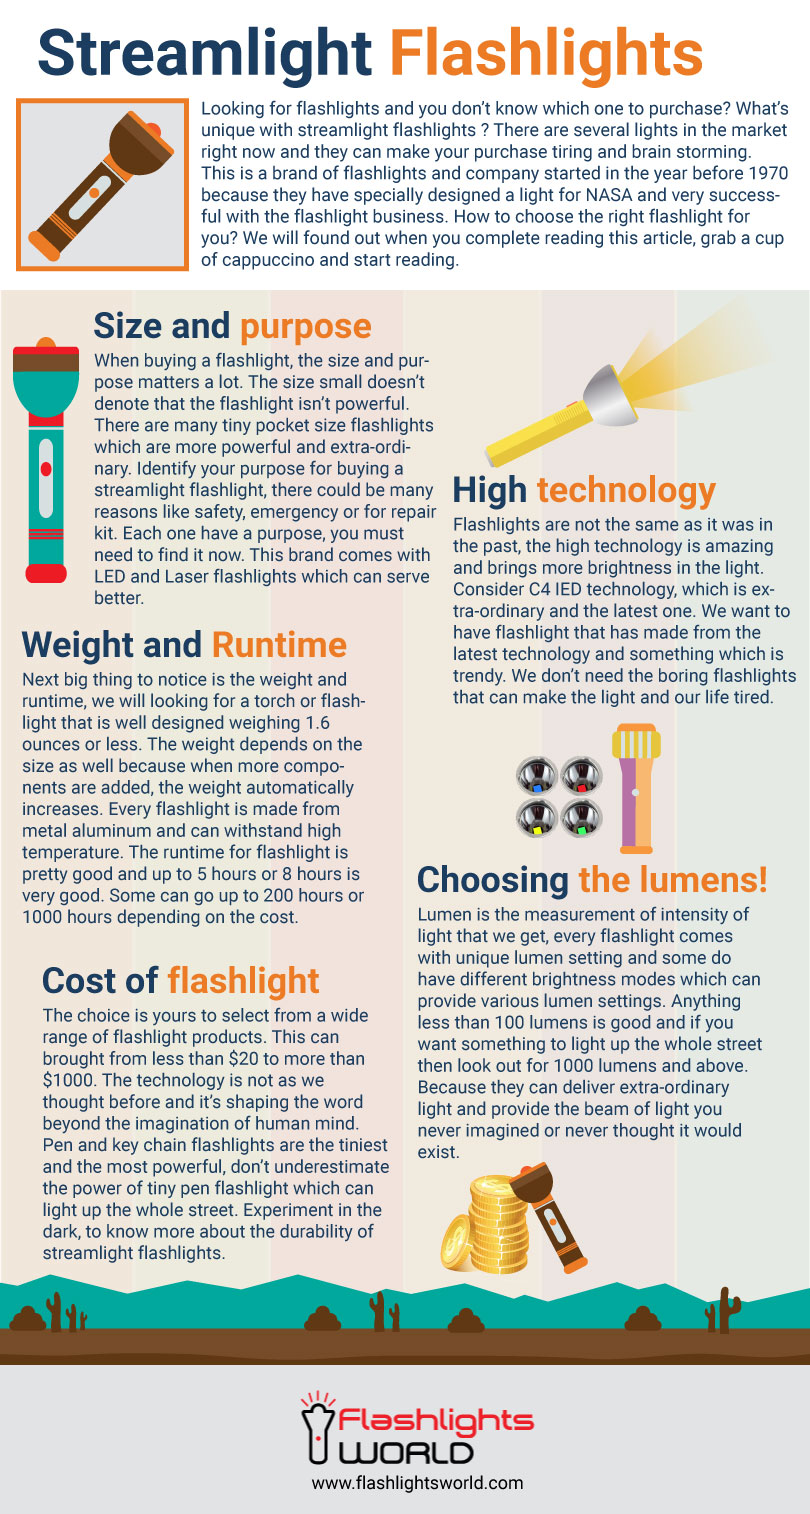 streamlight-flashlights